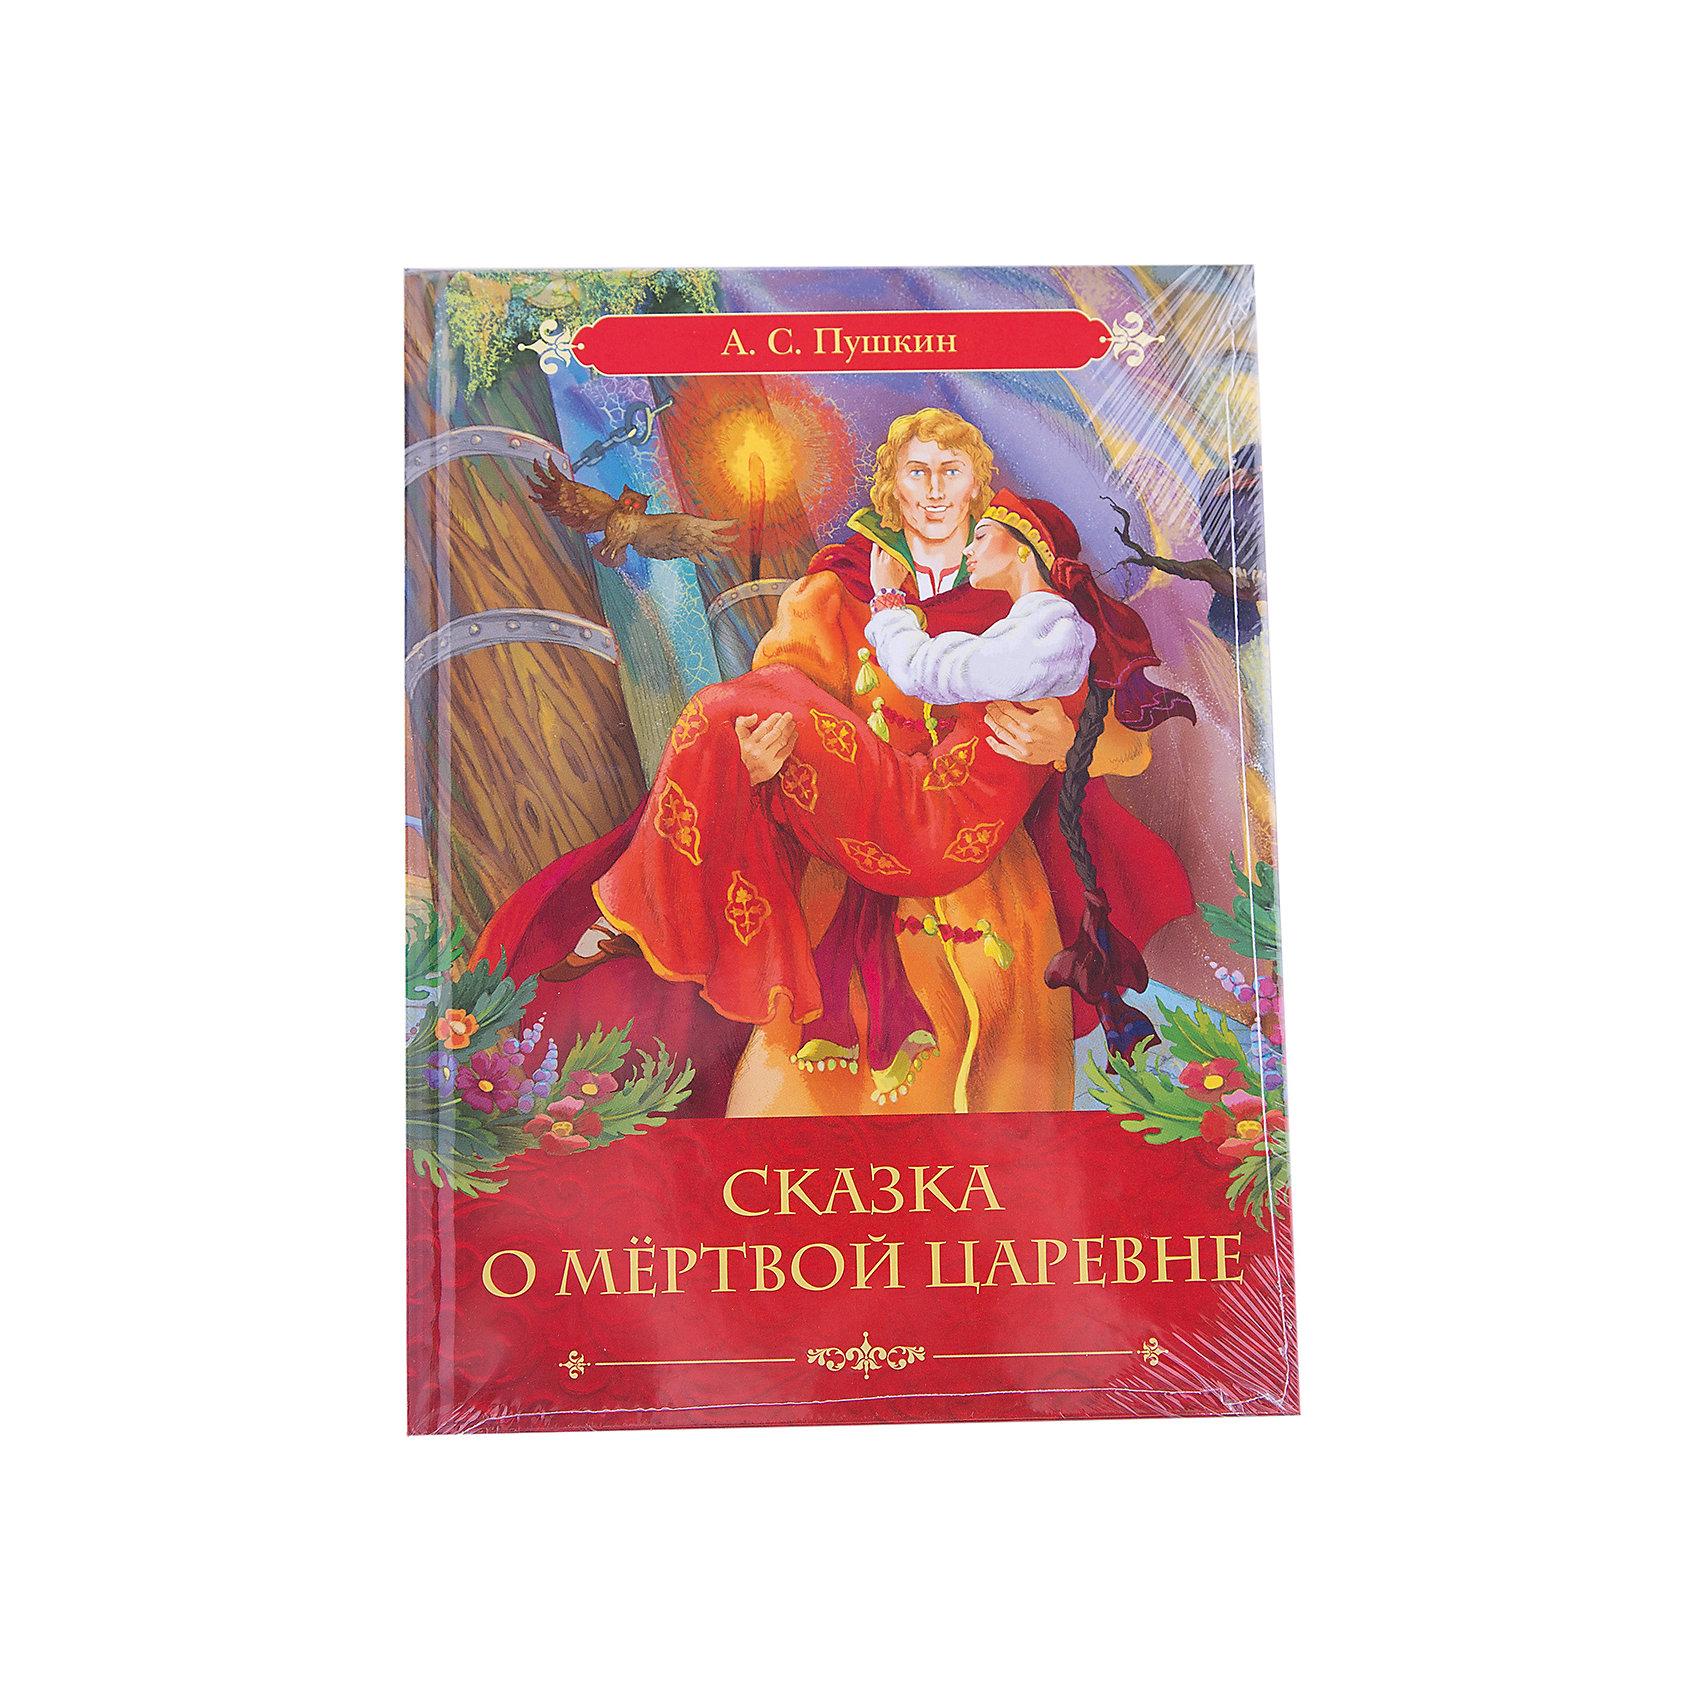 Сказка о мертвой царевне, А. С. ПушкинРусские сказки<br>Характеристики товара:<br><br>- цвет: разноцветный;<br>- материал: бумага;<br>- страниц: 48;<br>- формат: 17 х 22 сс;<br>- обложка: твердая;<br>- иллюстрации.<br><br>Эта интересная книга с иллюстрациями станет отличным подарком для ребенка. Она содержит в себе известную сказку, эту книгу любит не одно поколение! Талантливый иллюстратор дополнил книгу качественными рисунками, которые помогают ребенку проникнуться духом сказки.<br>Чтение - отличный способ активизации мышления, оно помогает ребенку развивать зрительную память, концентрацию внимания и воображение. Издание произведено из качественных материалов, которые безопасны даже для самых маленьких.<br><br>Издание Сказка о мертвой царевне, А. С. Пушкин от компании Росмэн можно купить в нашем интернет-магазине.<br><br>Ширина мм: 220<br>Глубина мм: 165<br>Высота мм: 8<br>Вес г: 164<br>Возраст от месяцев: 60<br>Возраст до месяцев: 84<br>Пол: Унисекс<br>Возраст: Детский<br>SKU: 5109903